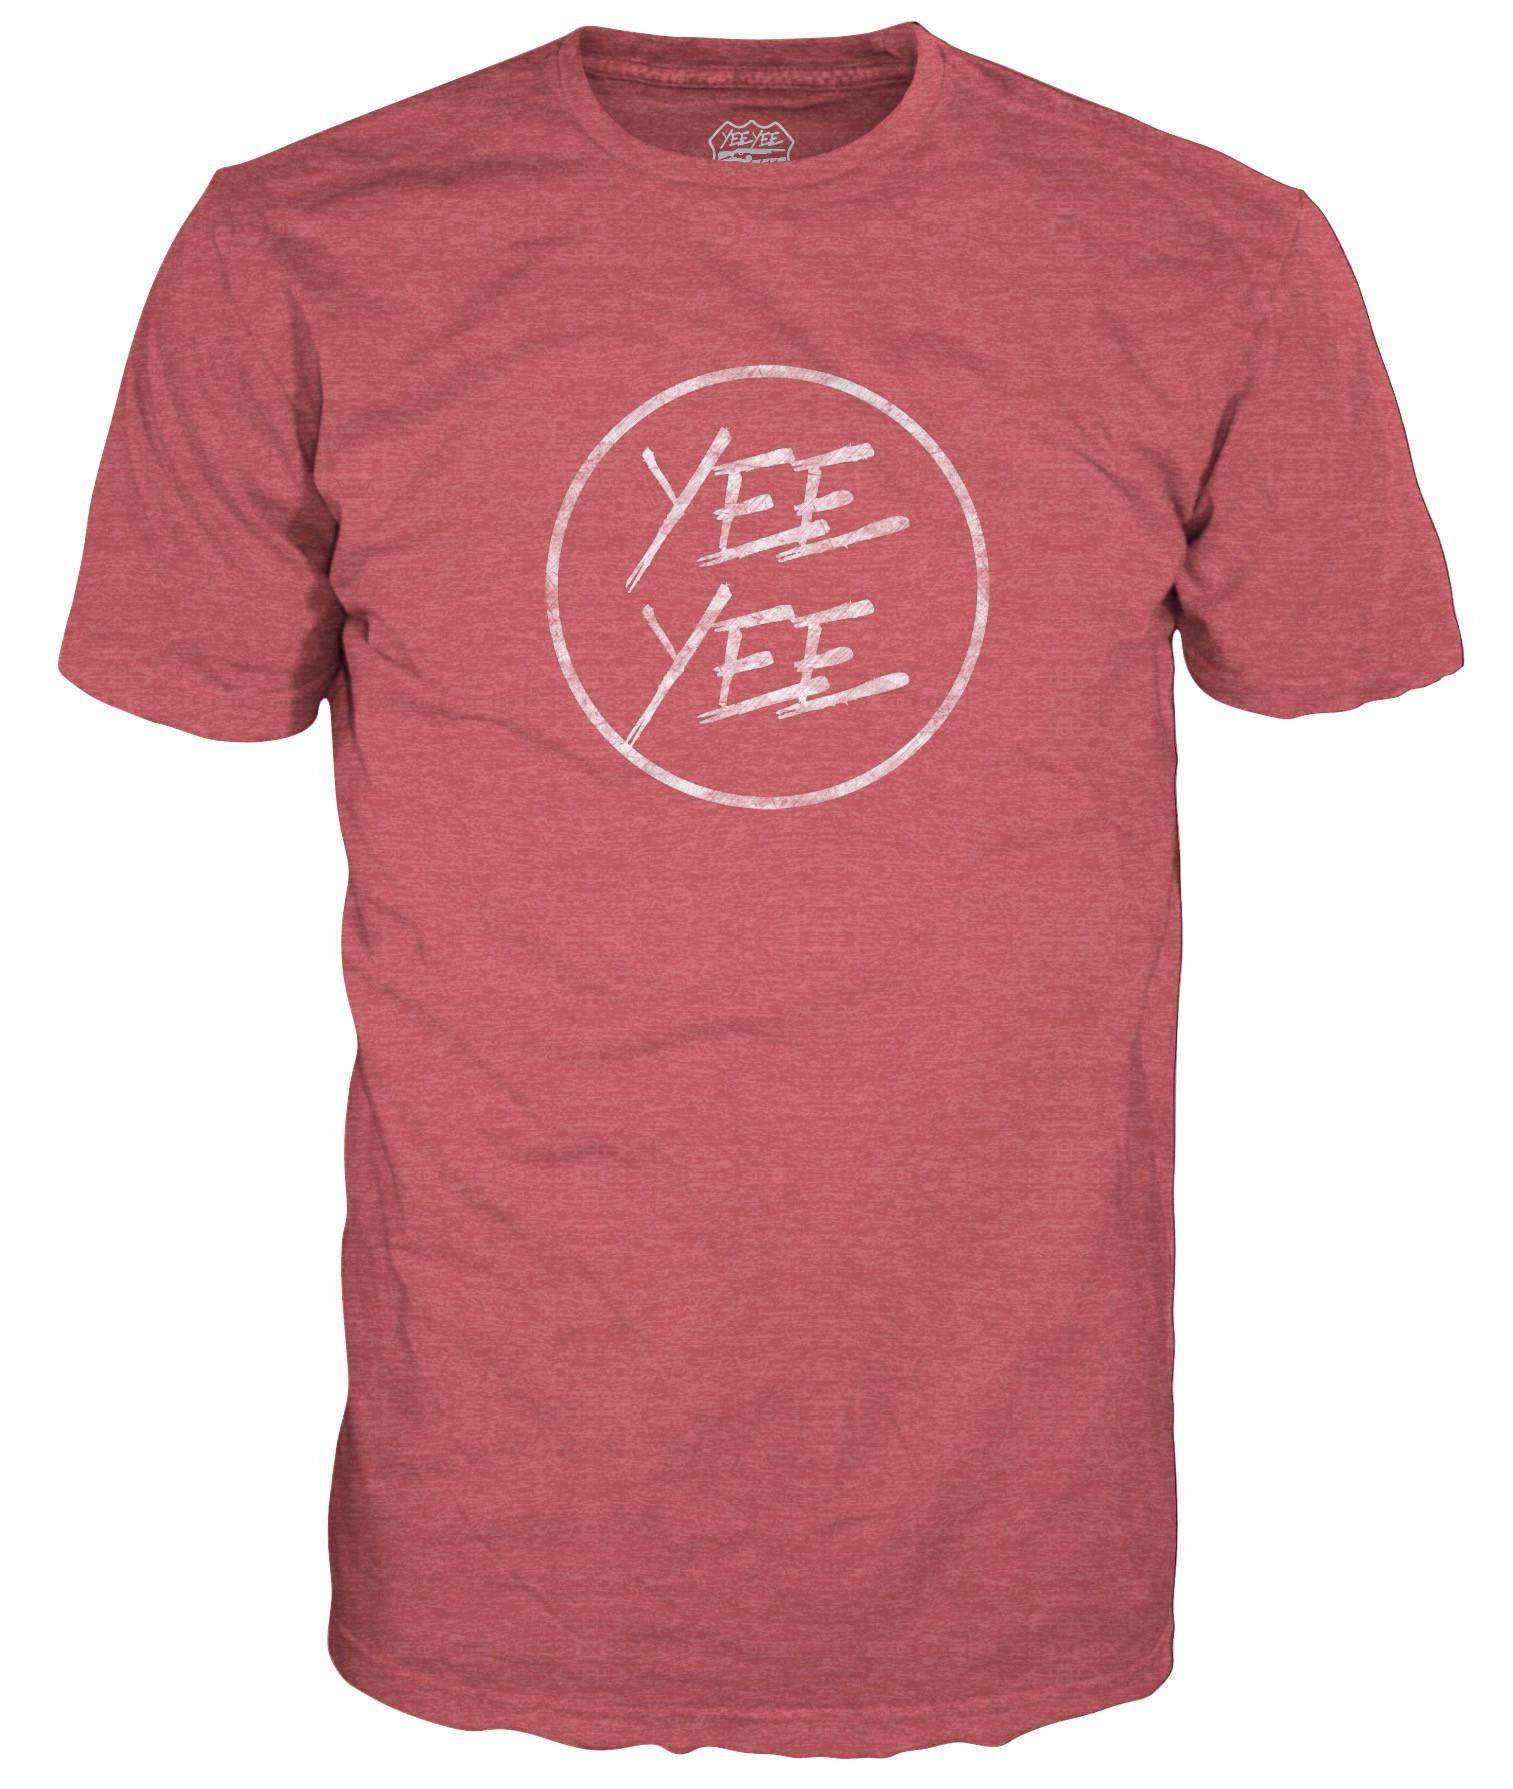 Yee Yee Circle Tee